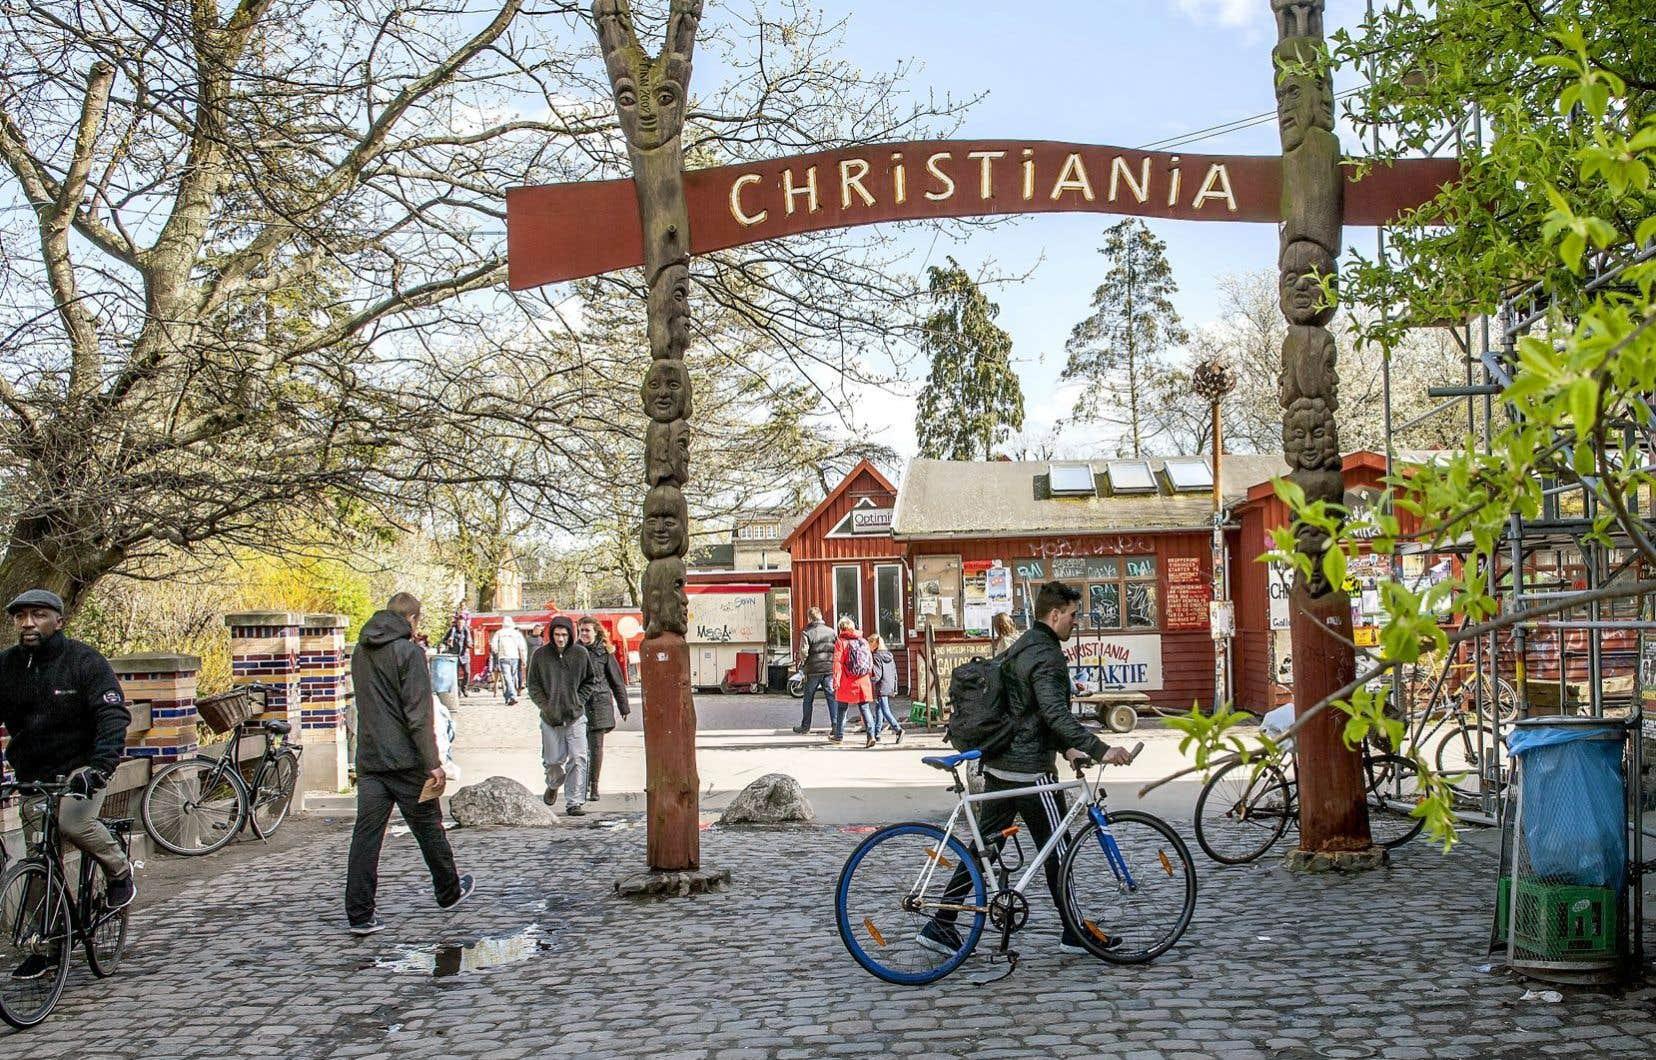 Au fil des ans, la police est intervenue à plusieurs reprises dans la communauté de Fristaden Christiania pour détruire les petits kiosques de vente de drogues douces. Mais cette année, cependant, ce sont les habitants des lieux qui ont décidé de mettre un terme aux activités des trafiquants devenus des criminels de haut niveau.